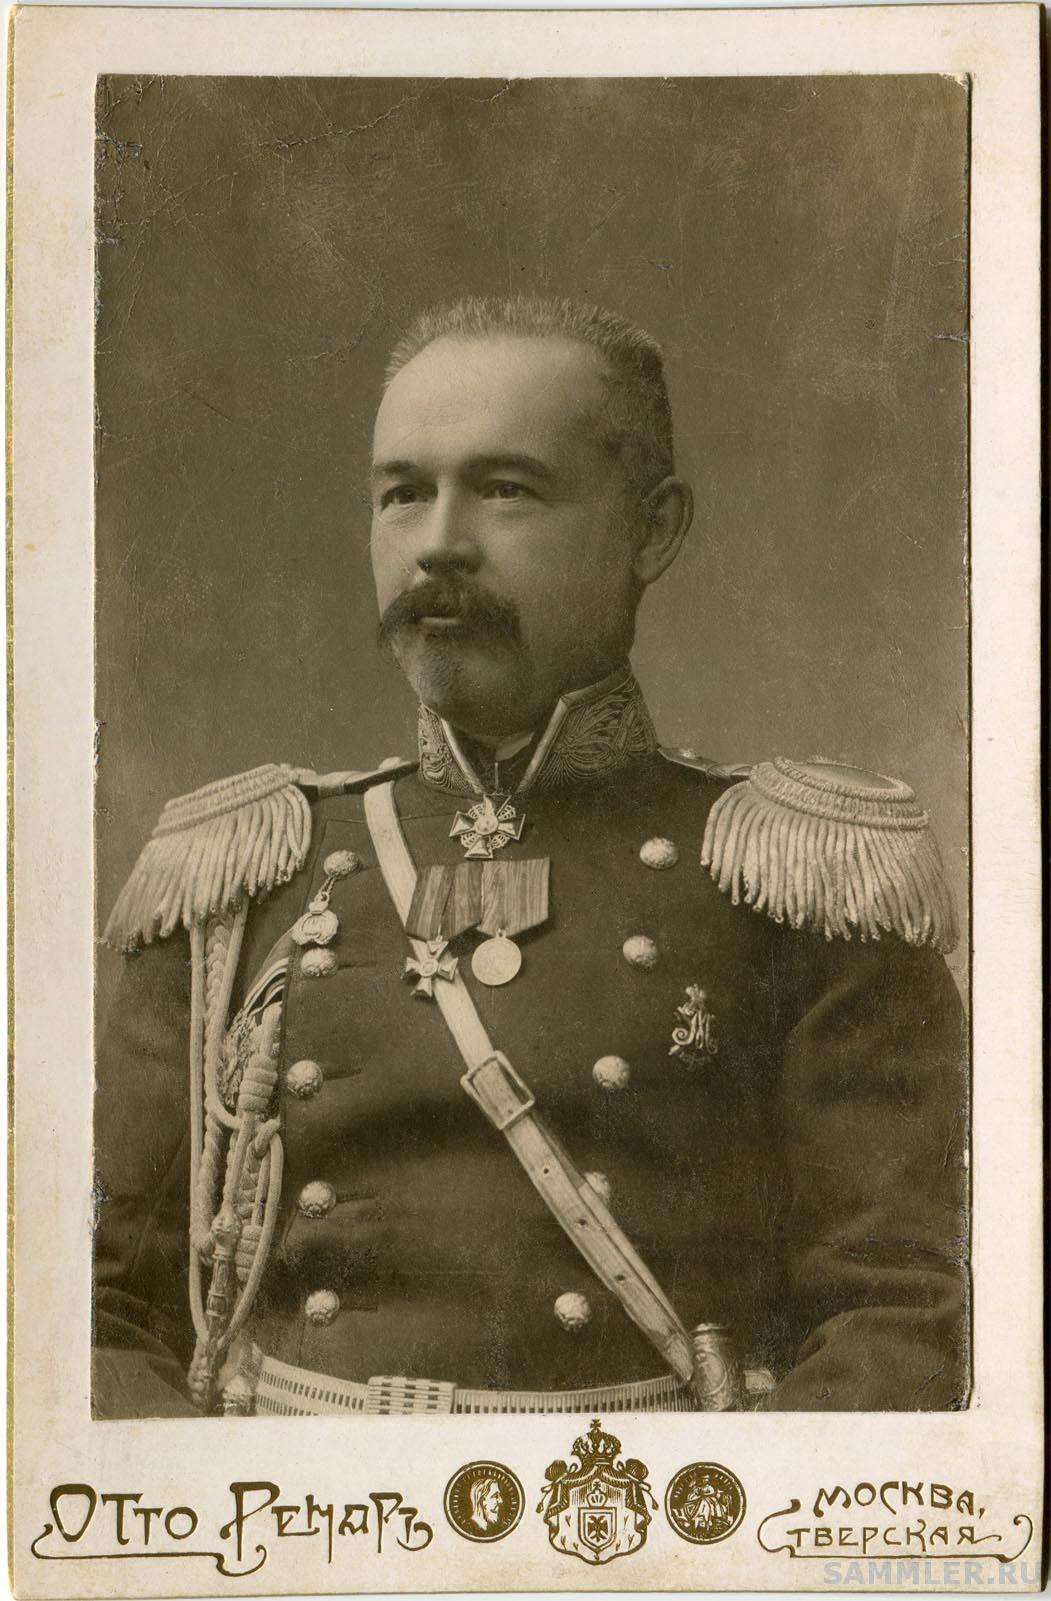 Вячеслав Александрович Ольховский